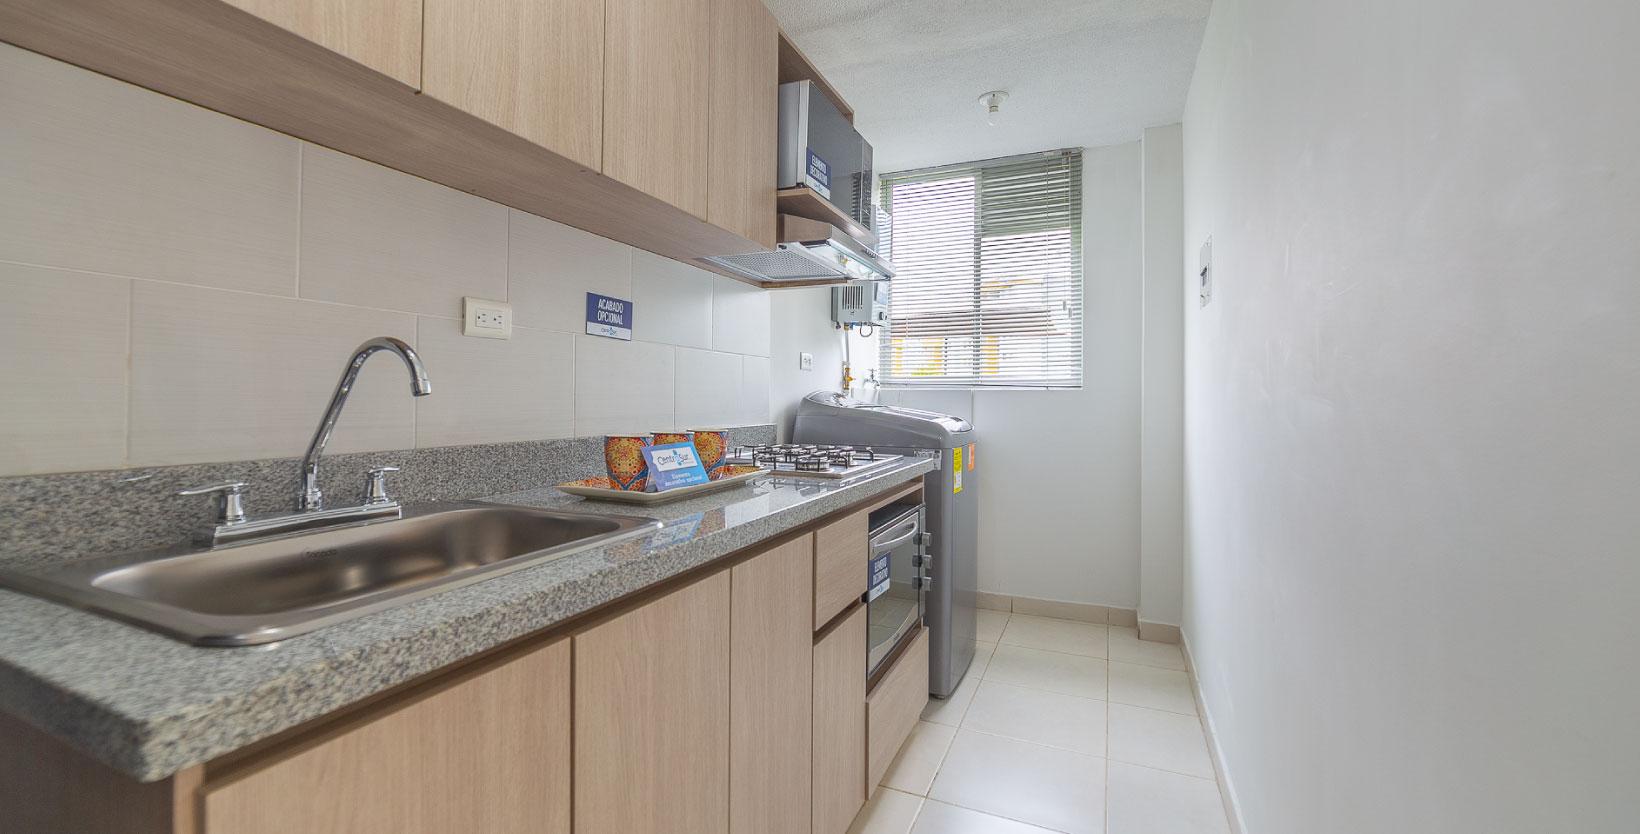 apartamentos_guaduales_cocina